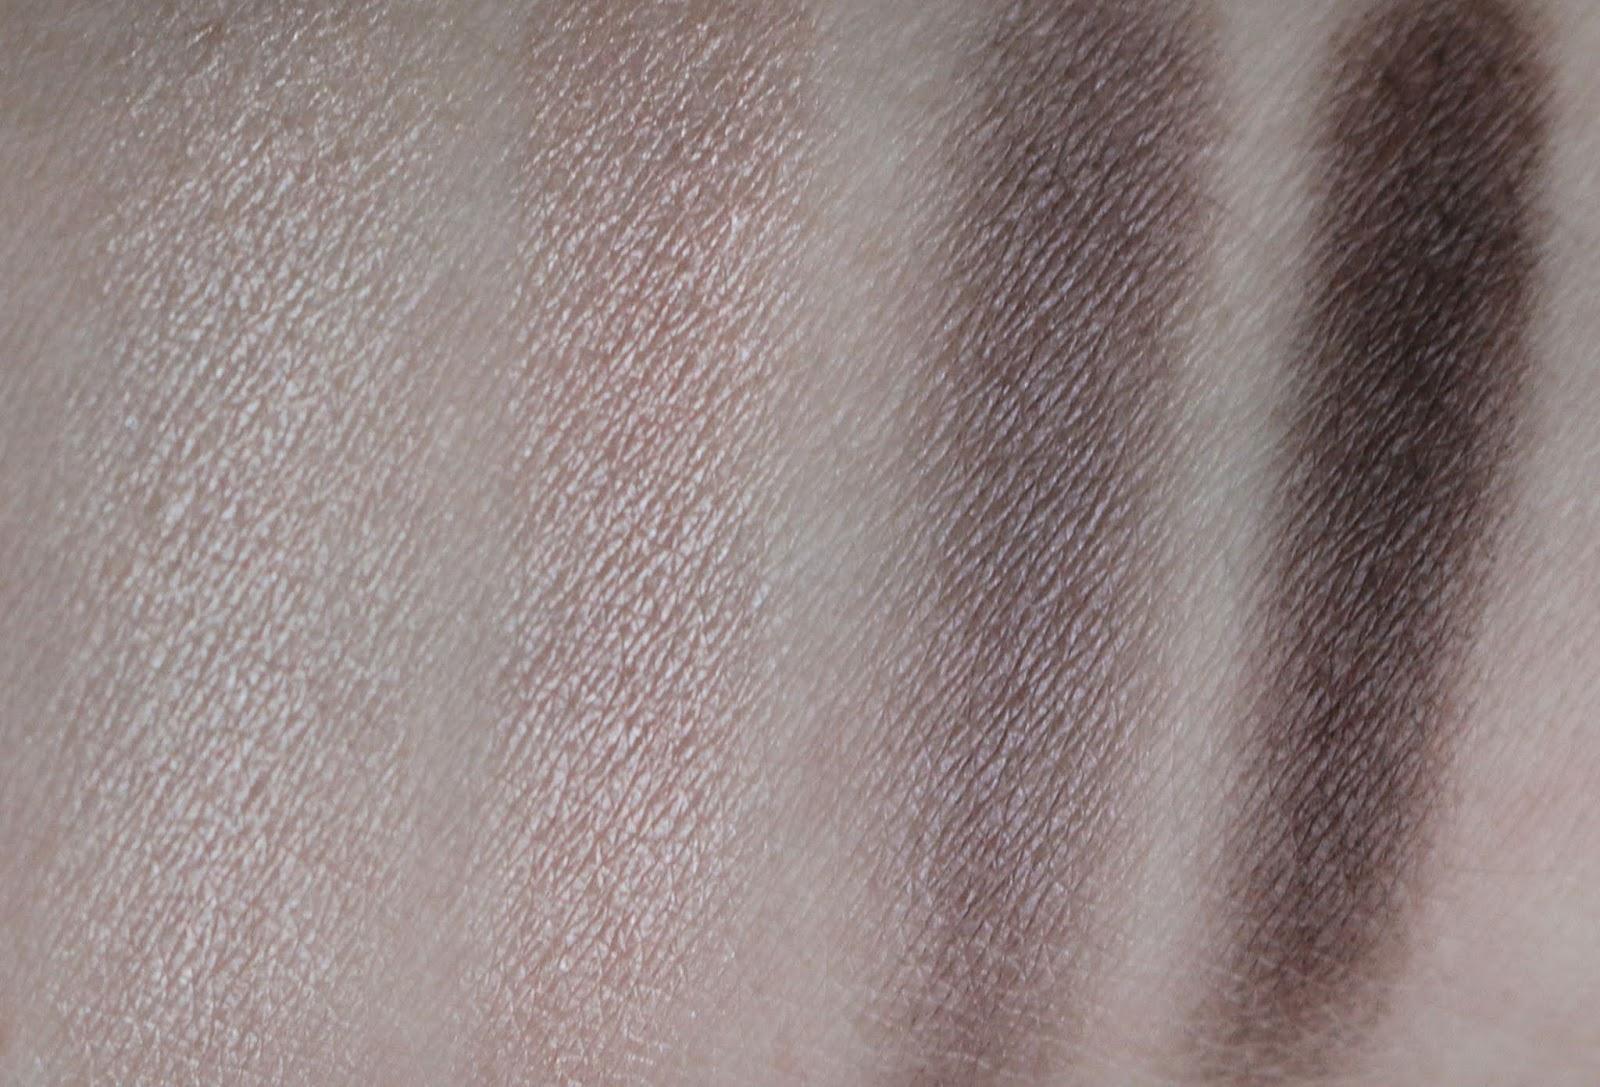 Sothys Ombre Eye Quartet Palette 40 Harmonie de Tons Nude Swatches